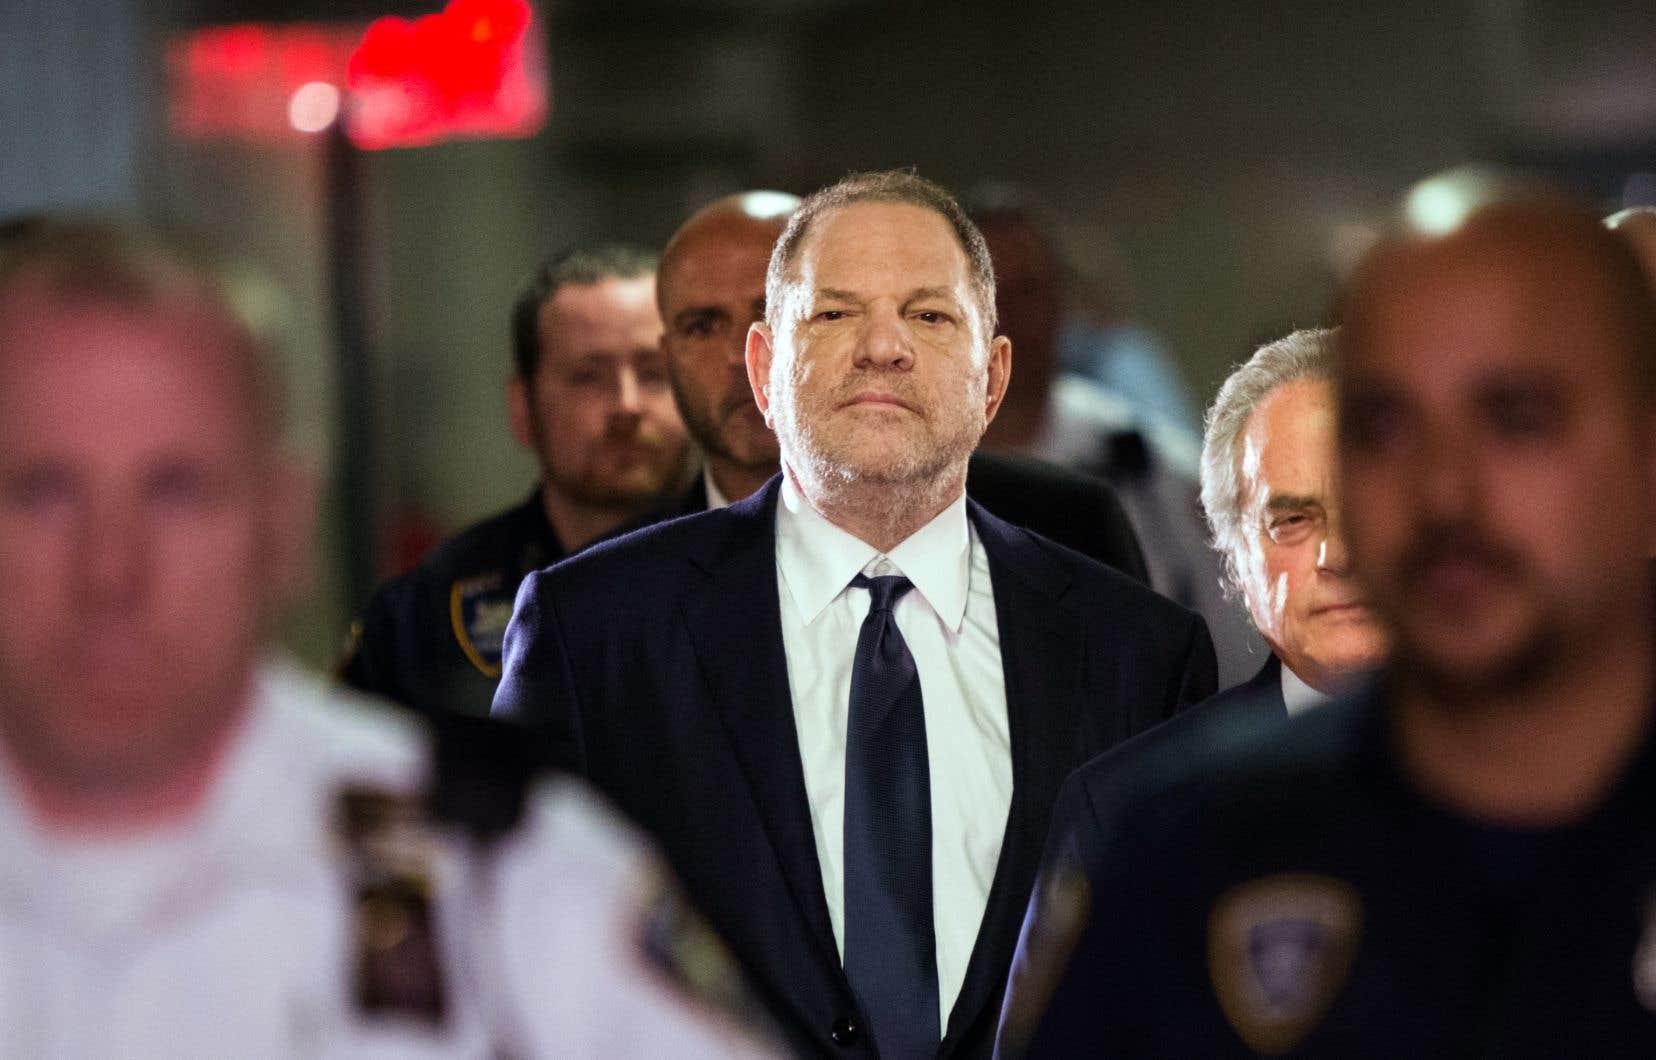 M.Weinstein fait face à New York à des accusations criminelles d'agression sexuelle, et il a été cité dans plusieurs autres poursuites pour harcèlement sexuel.